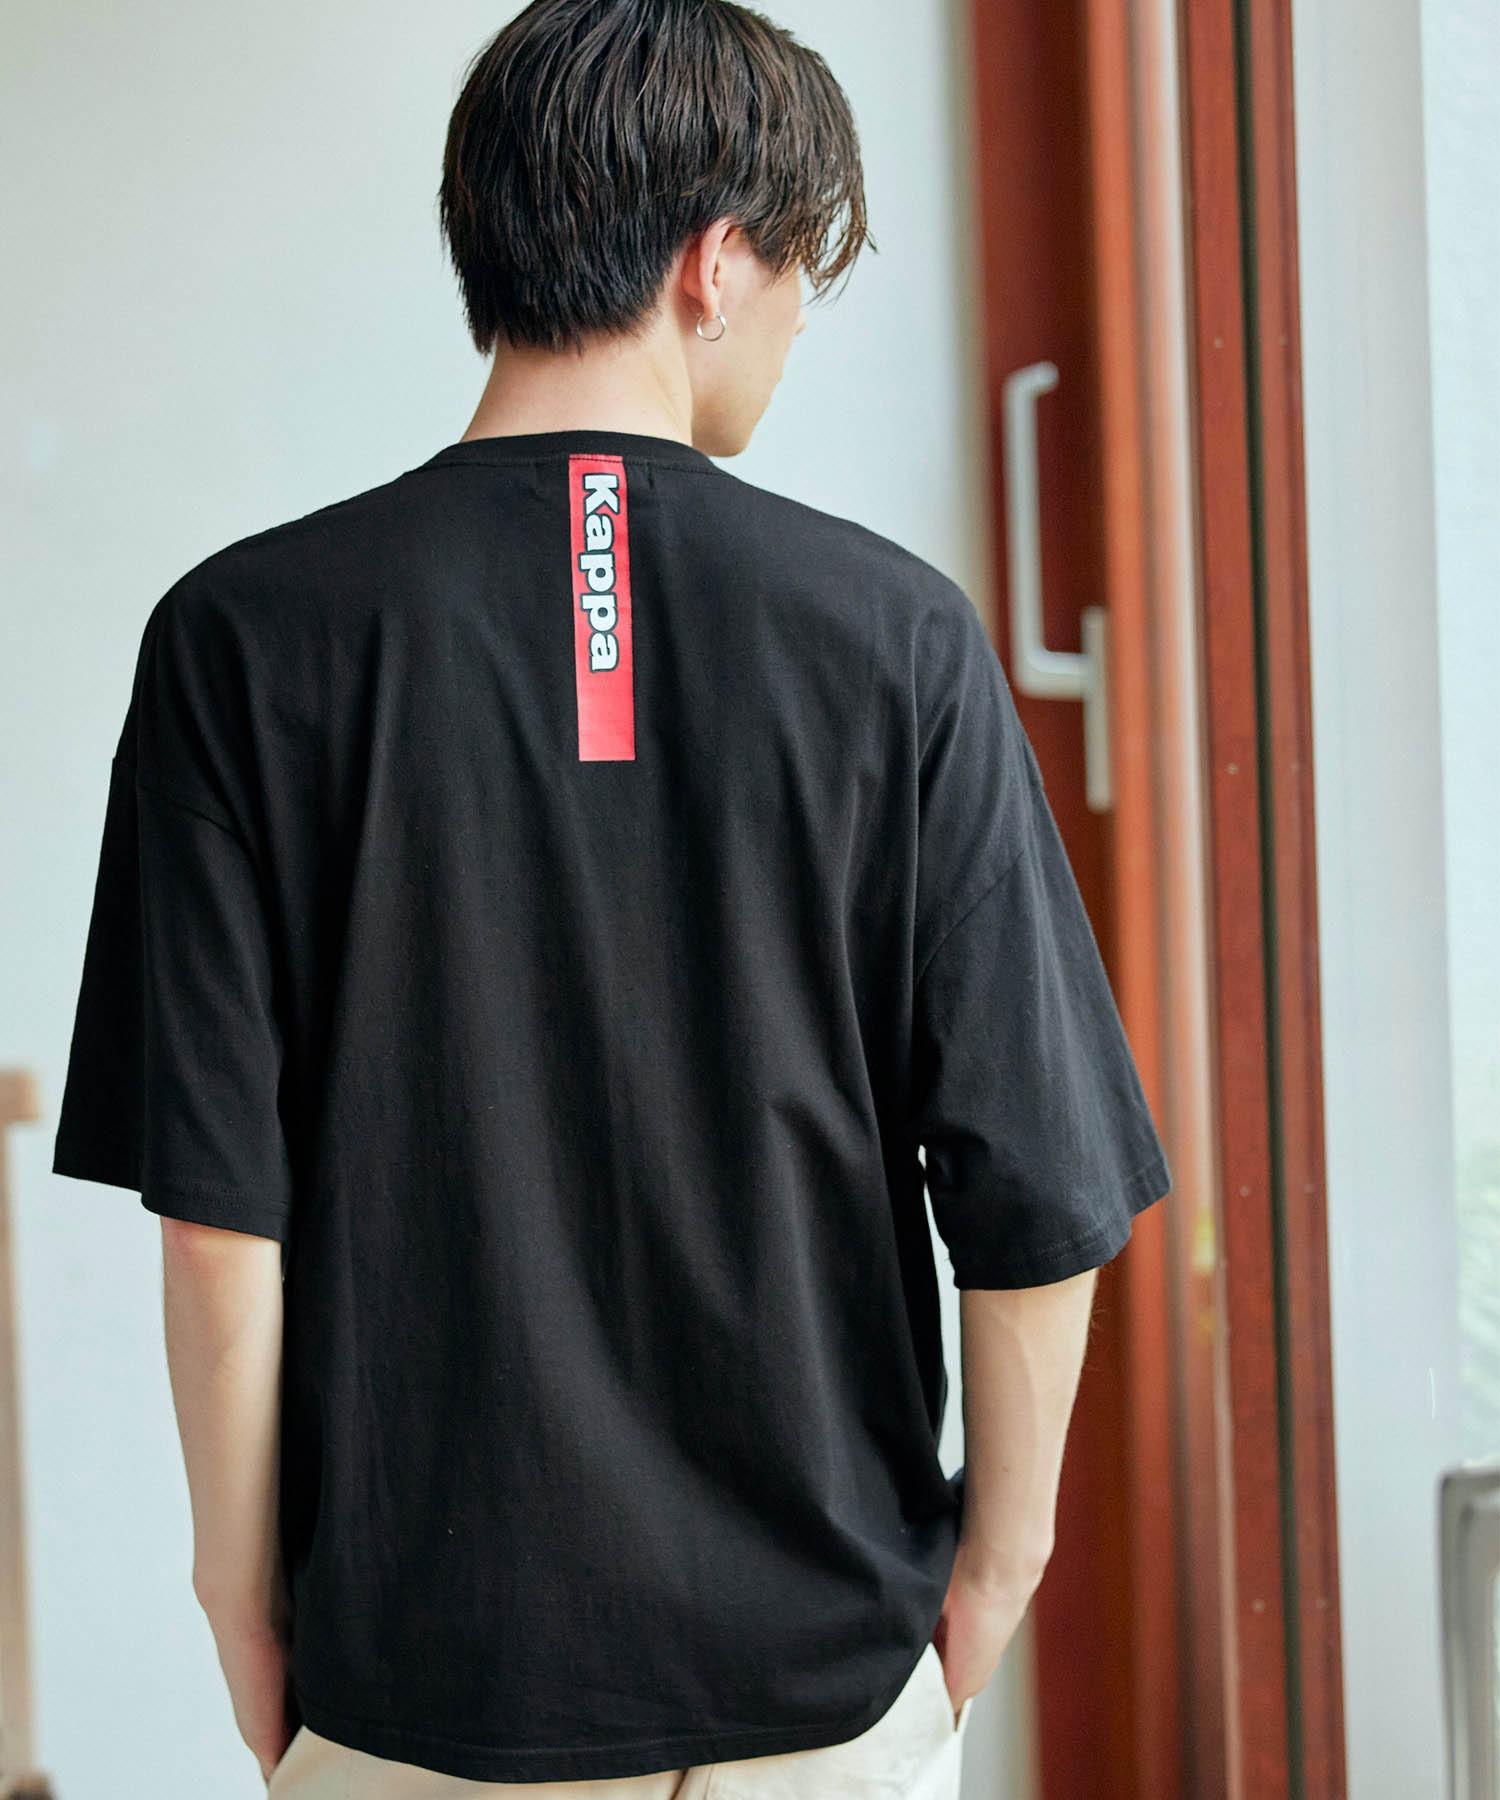 ▽WEB限定 Kappa/カッパ 別注 ビッグシルエット ロゴフロント&バックラバープリント半袖Tシャツ